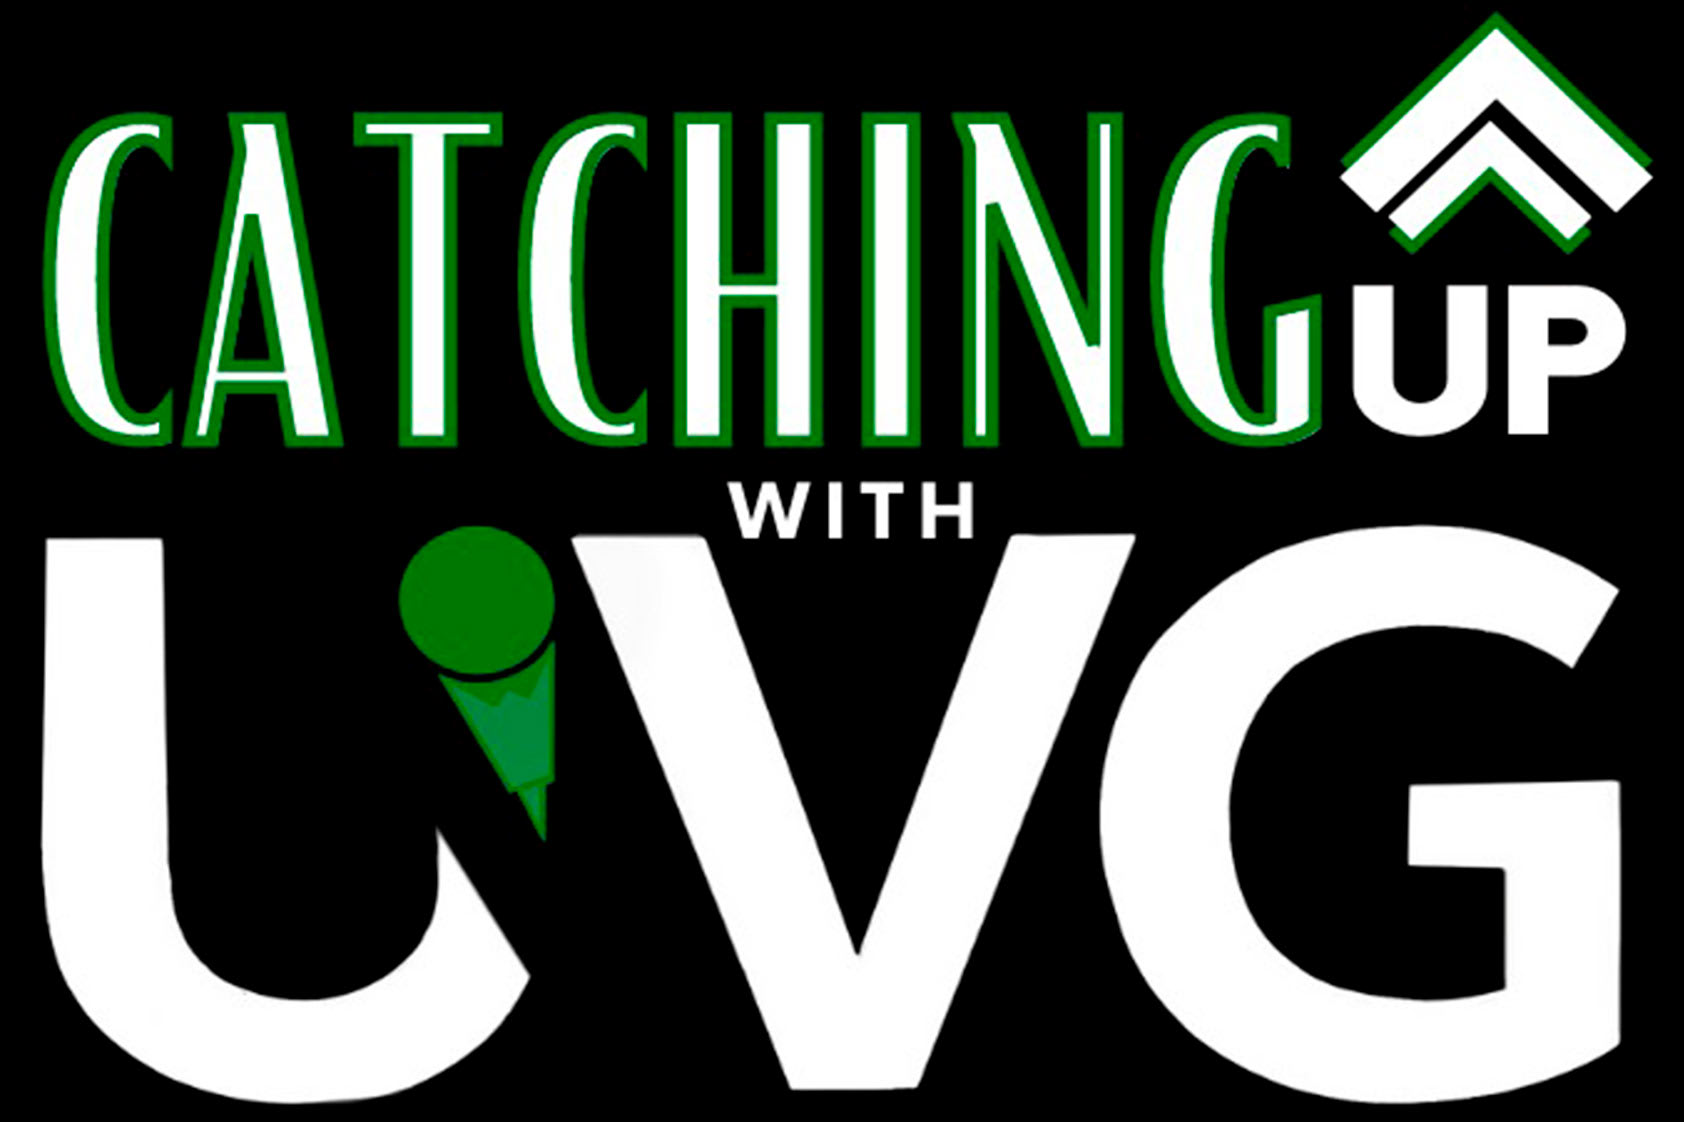 Catching up with UVG: el nuevo podcast de estudiantes para estudiantes